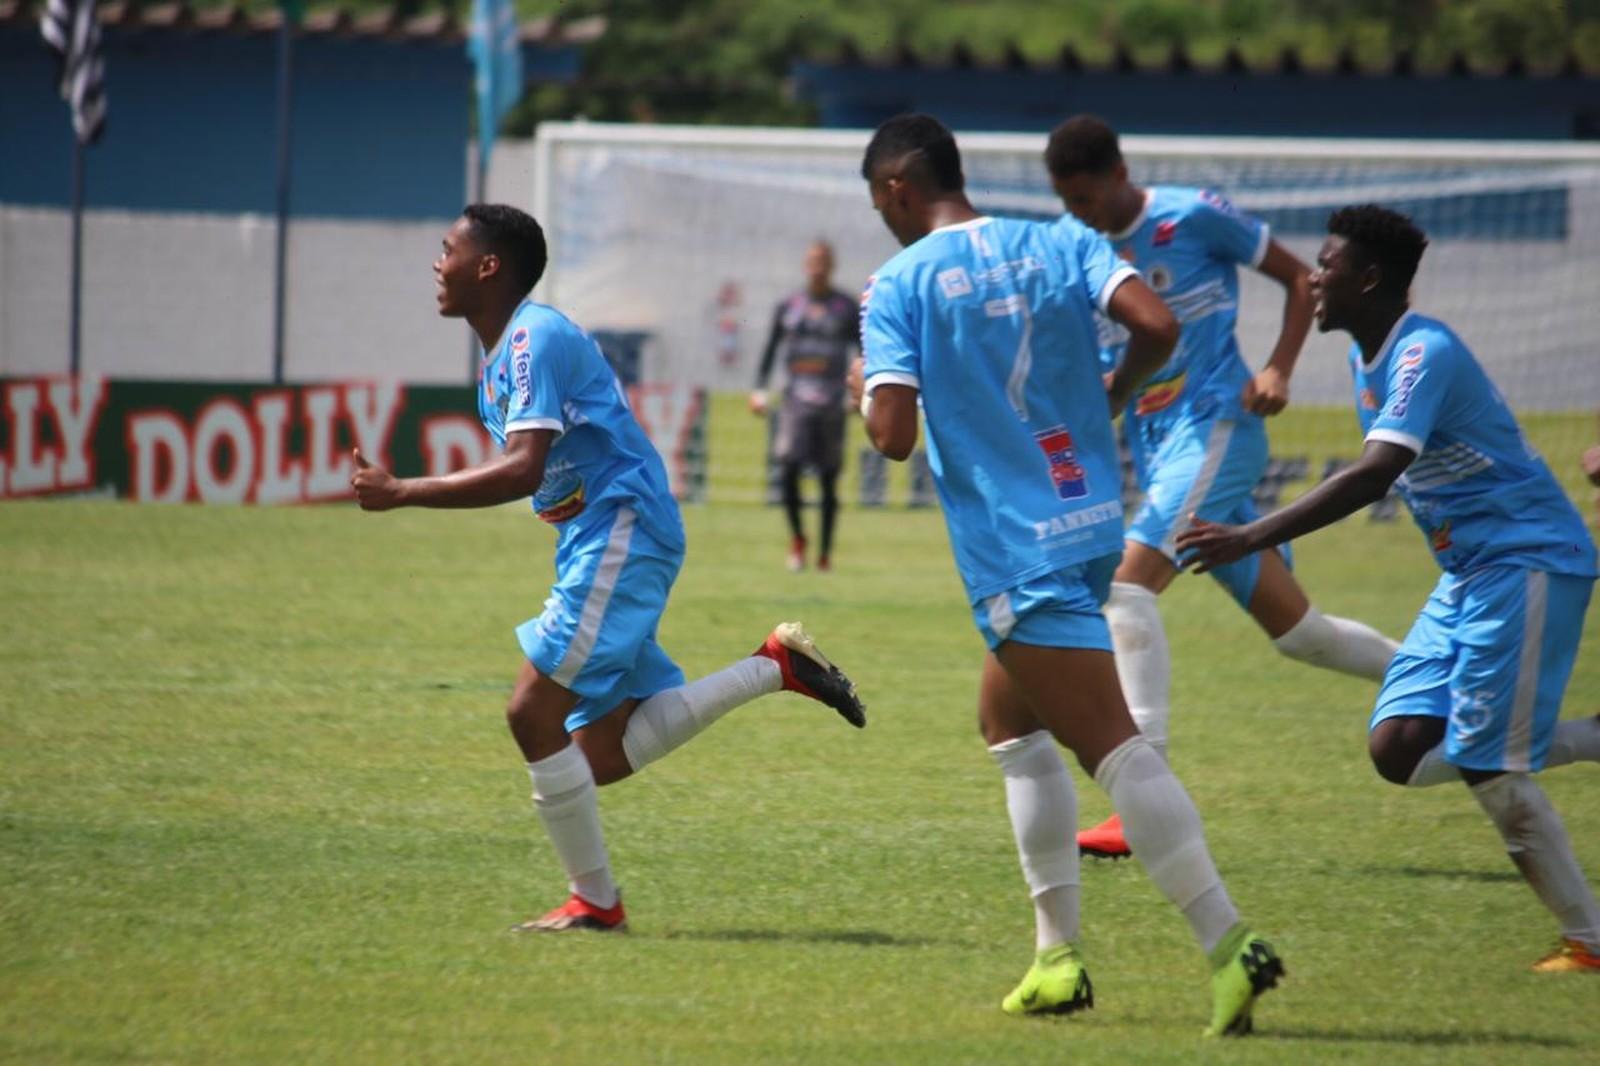 Jogadores do Assisense comemoram gol contra o Dimensão Saúde pela Copinha — Foto: Edy Júnior Silva/Assisense